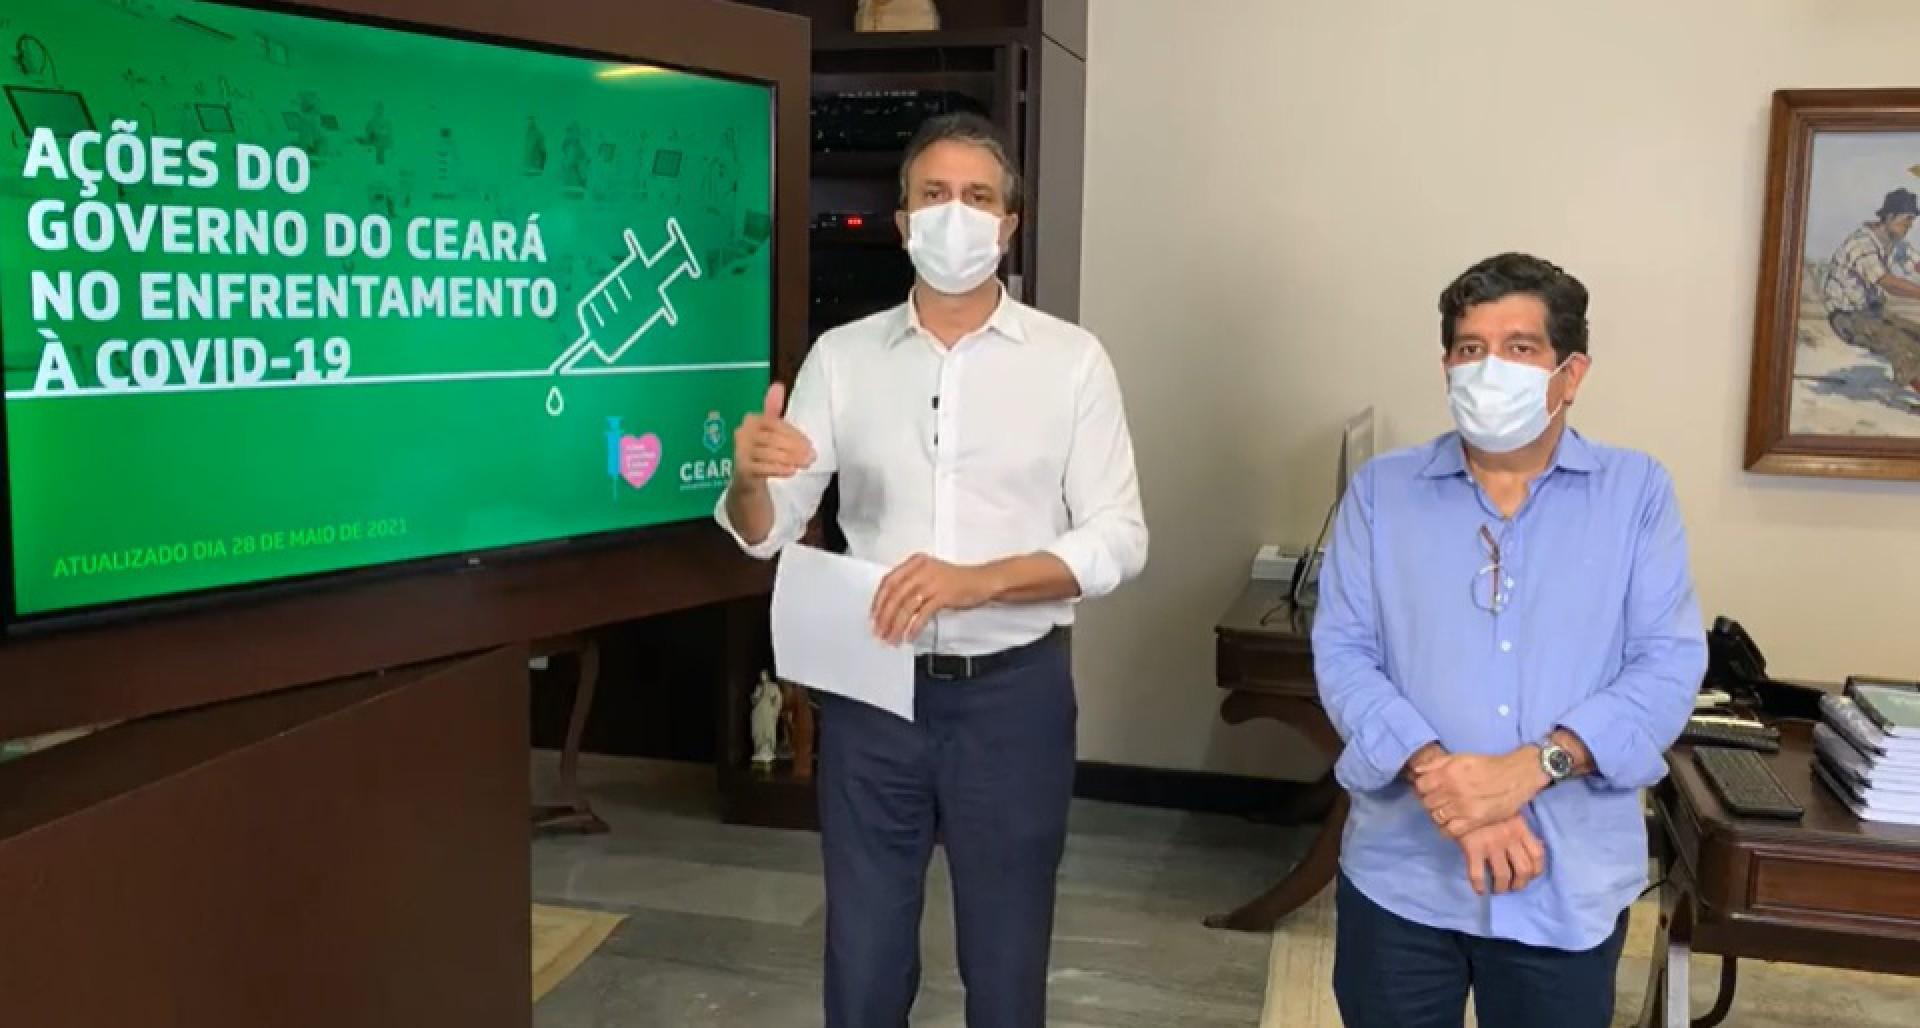 O GOVERNADOR Camilo Santana ao lado do secretário Cabeto (Foto: REPRODUÇÃO)